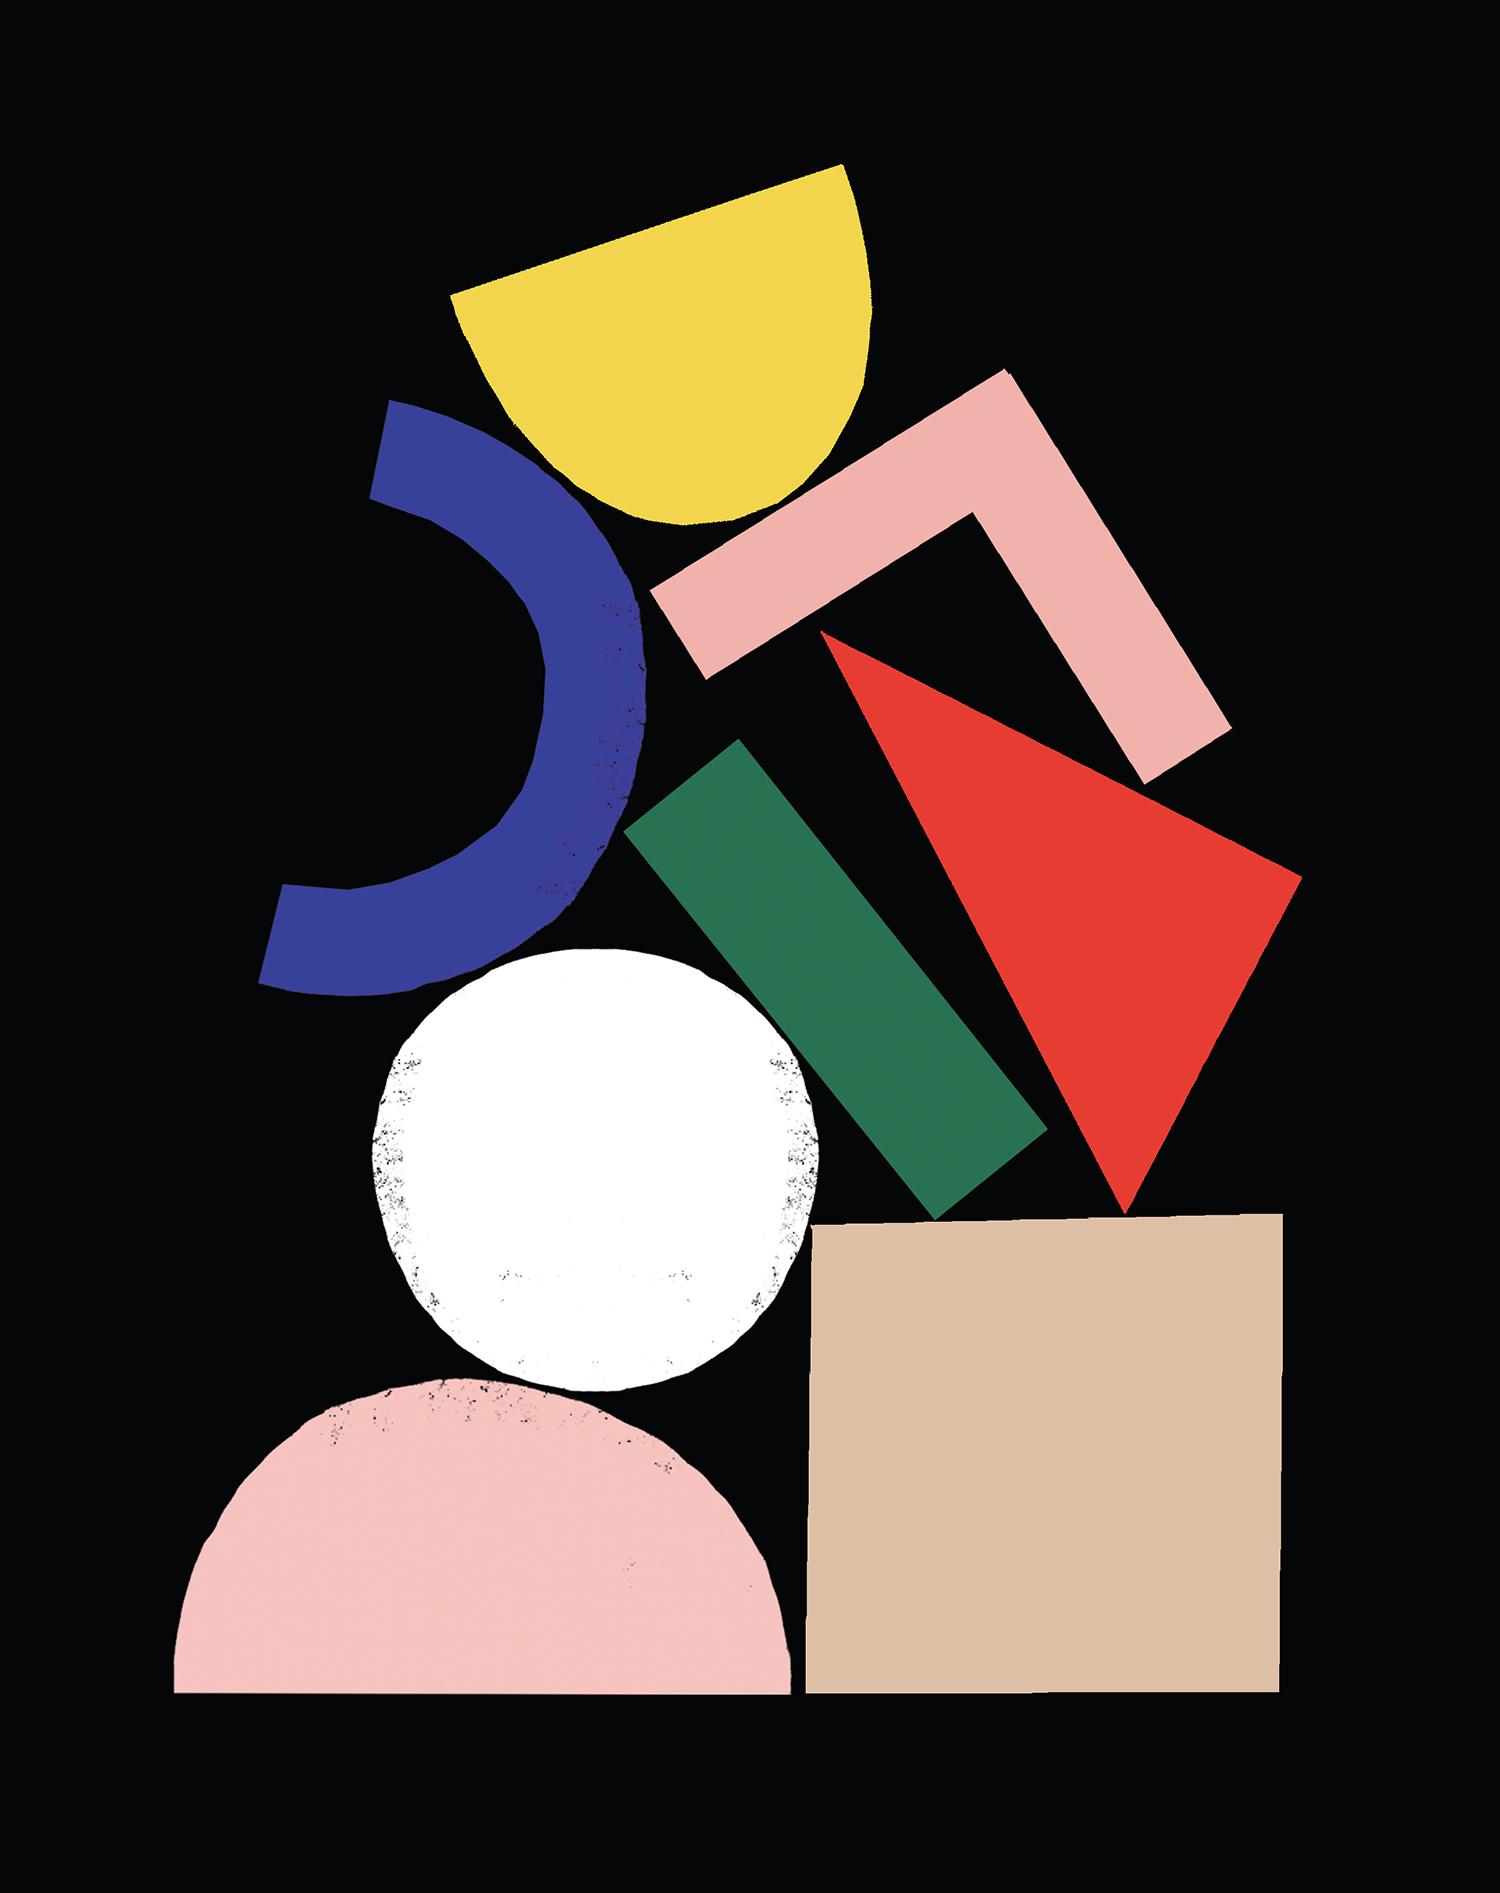 MollieMakes_Bauhaus_Paper7.jpg